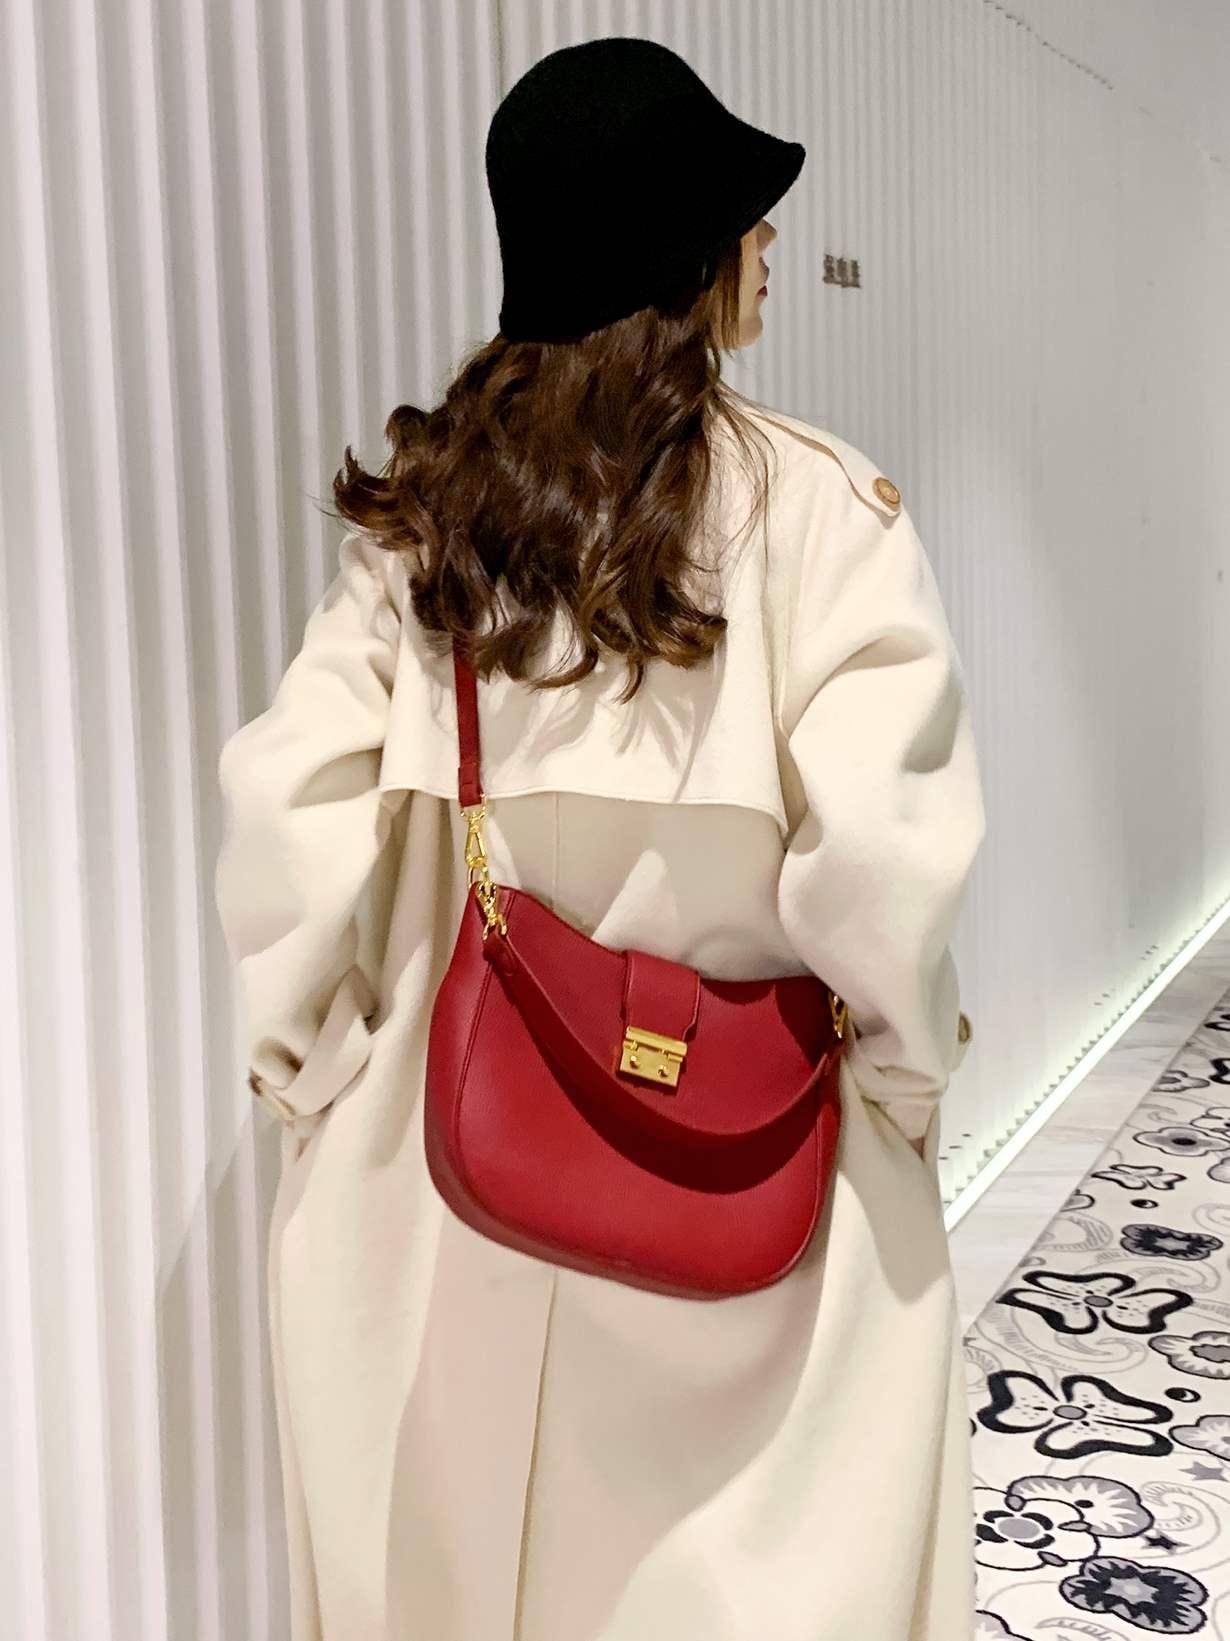 红色水桶包 腋下新款手提东胜红色大容量水桶包包女2021时尚百搭斜挎单肩包婚_推荐淘宝好看的红色水桶包